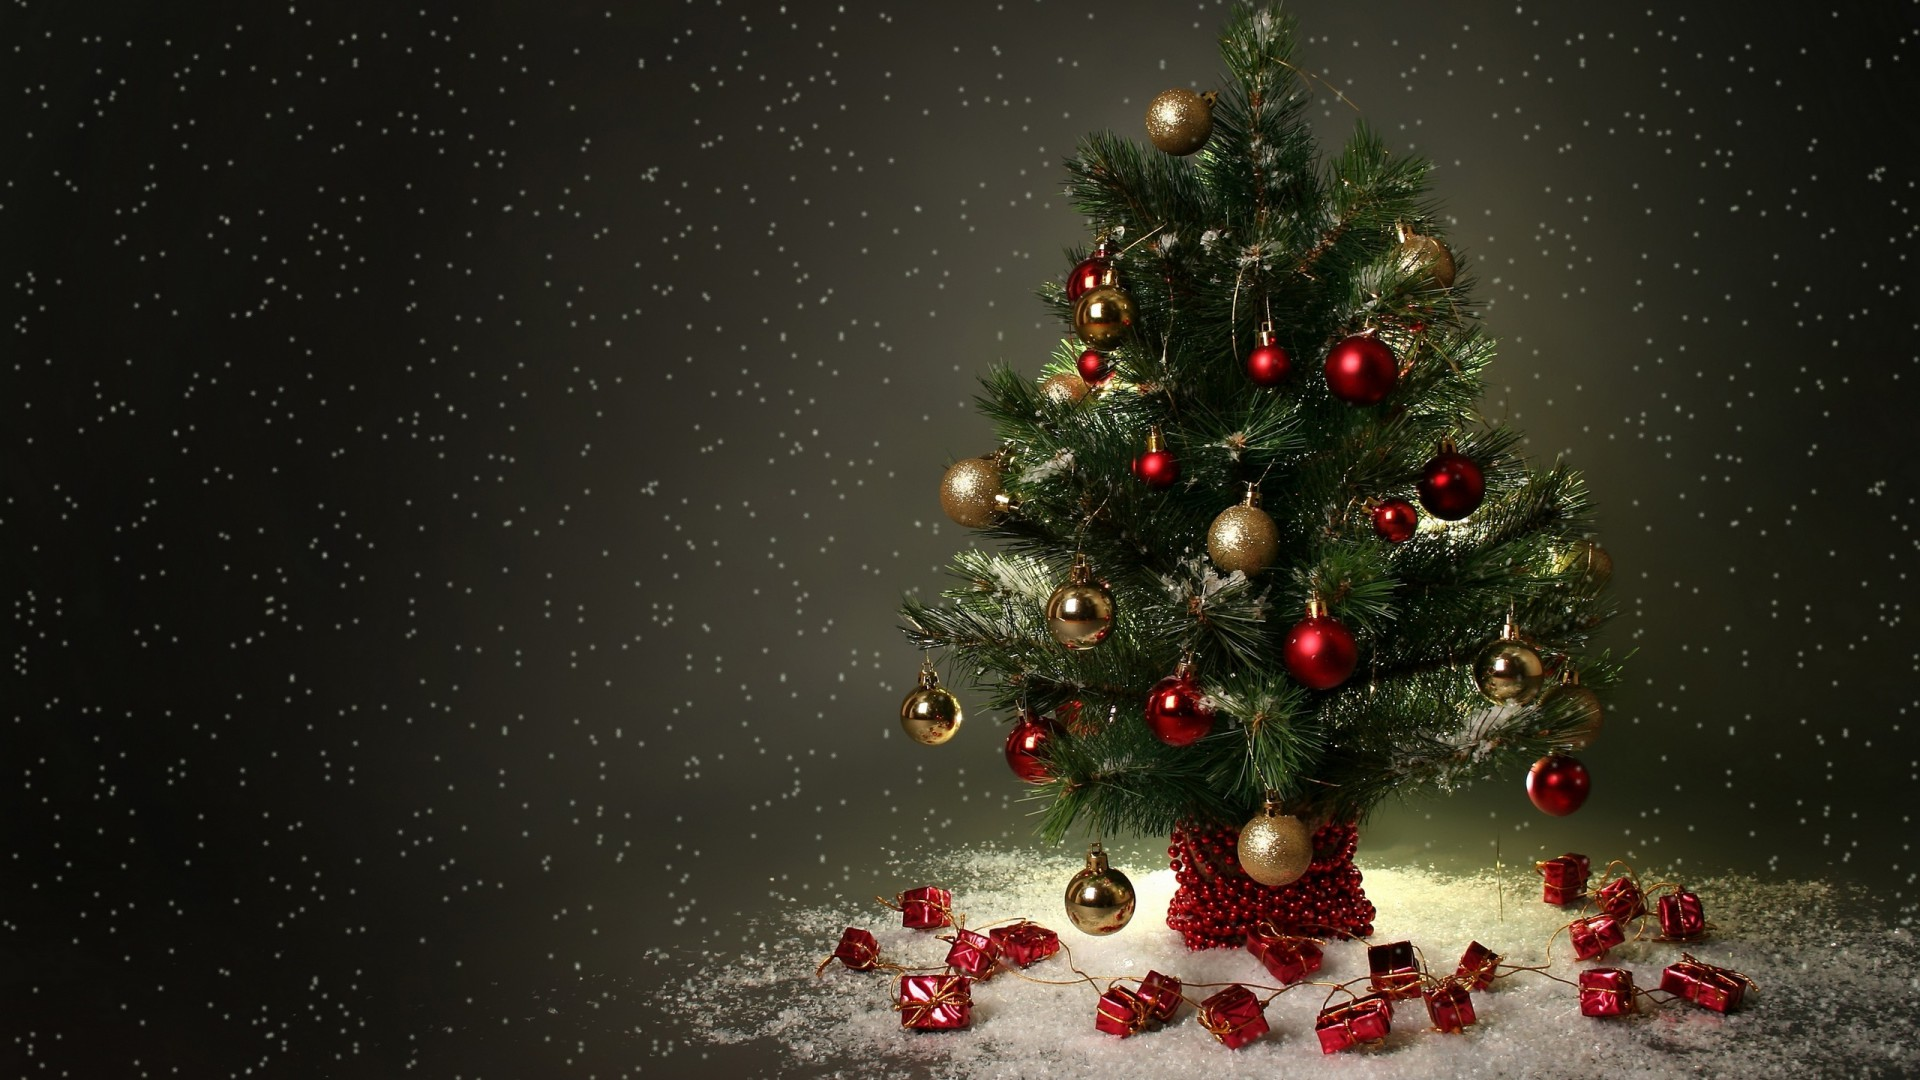 vianoce-obrazky-na-plochu-stromcek